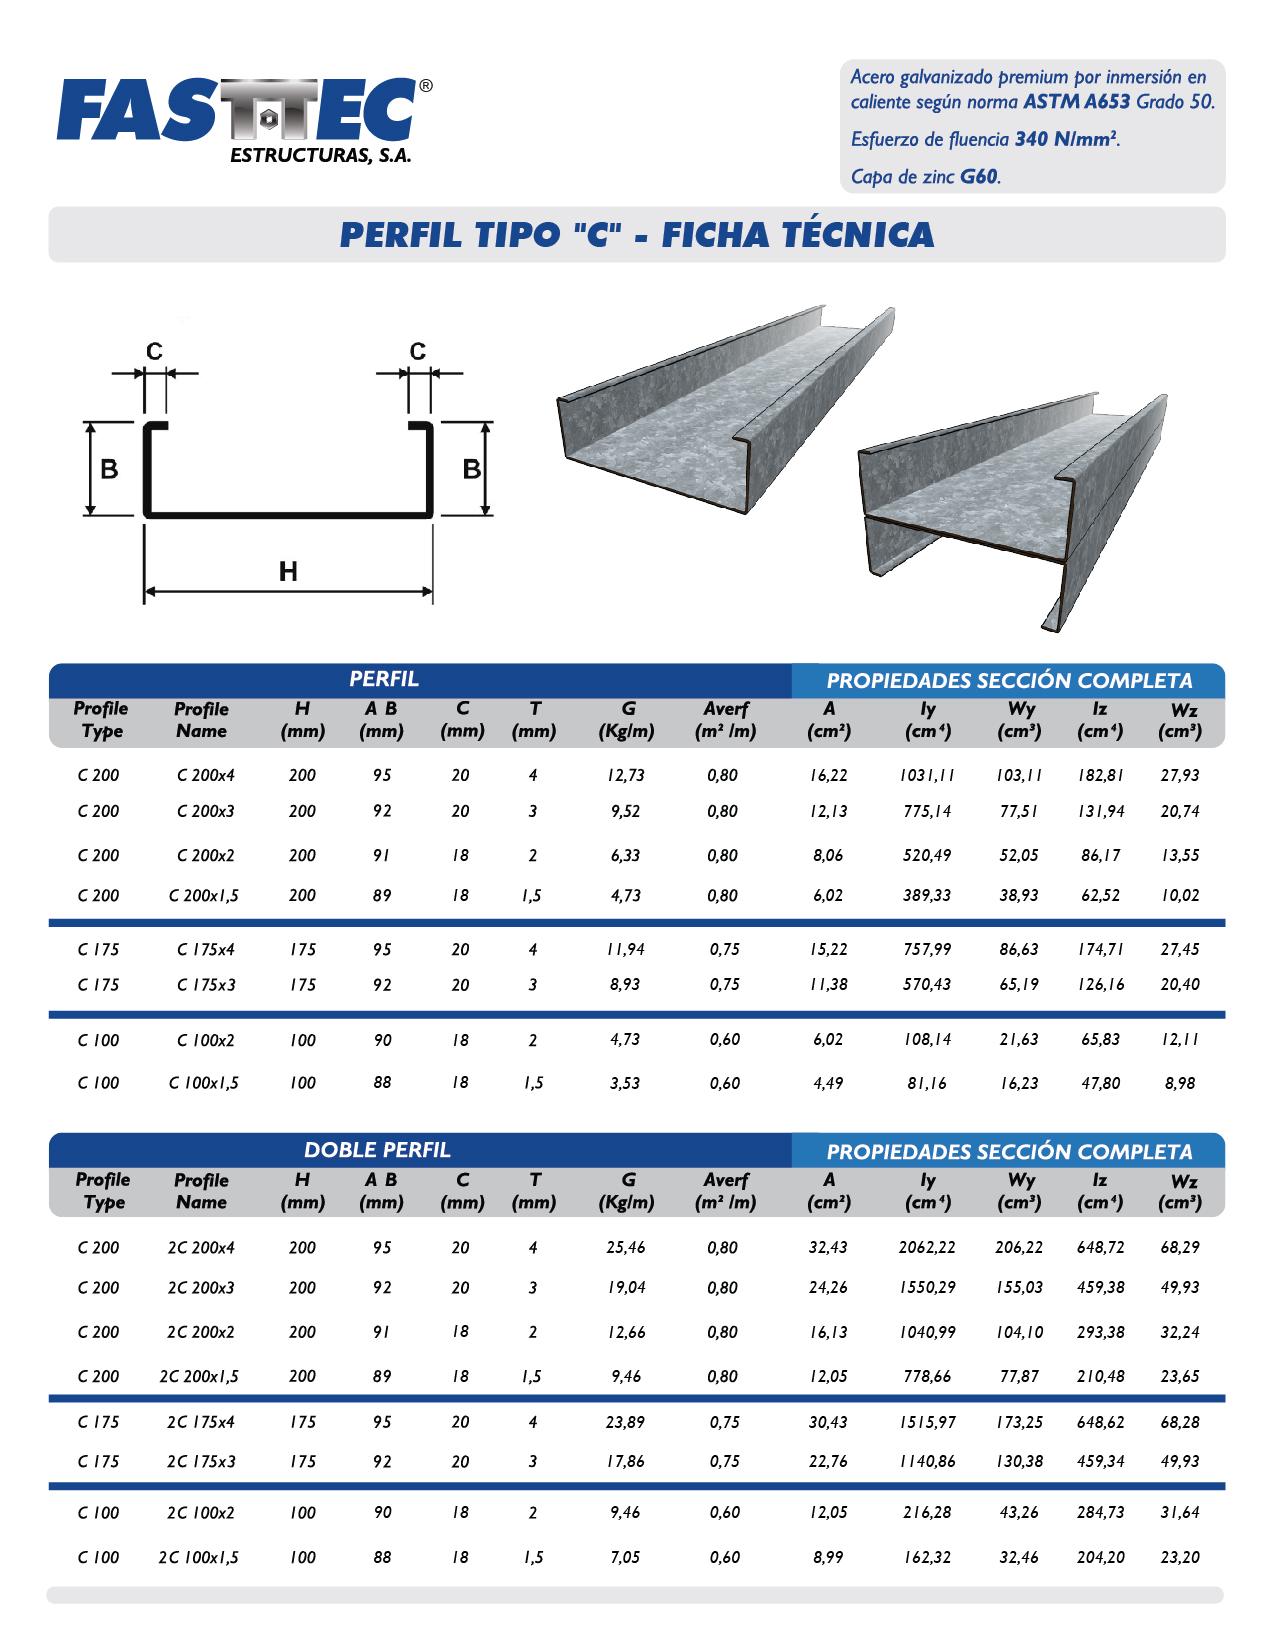 perfil de acero galvanizado panamá